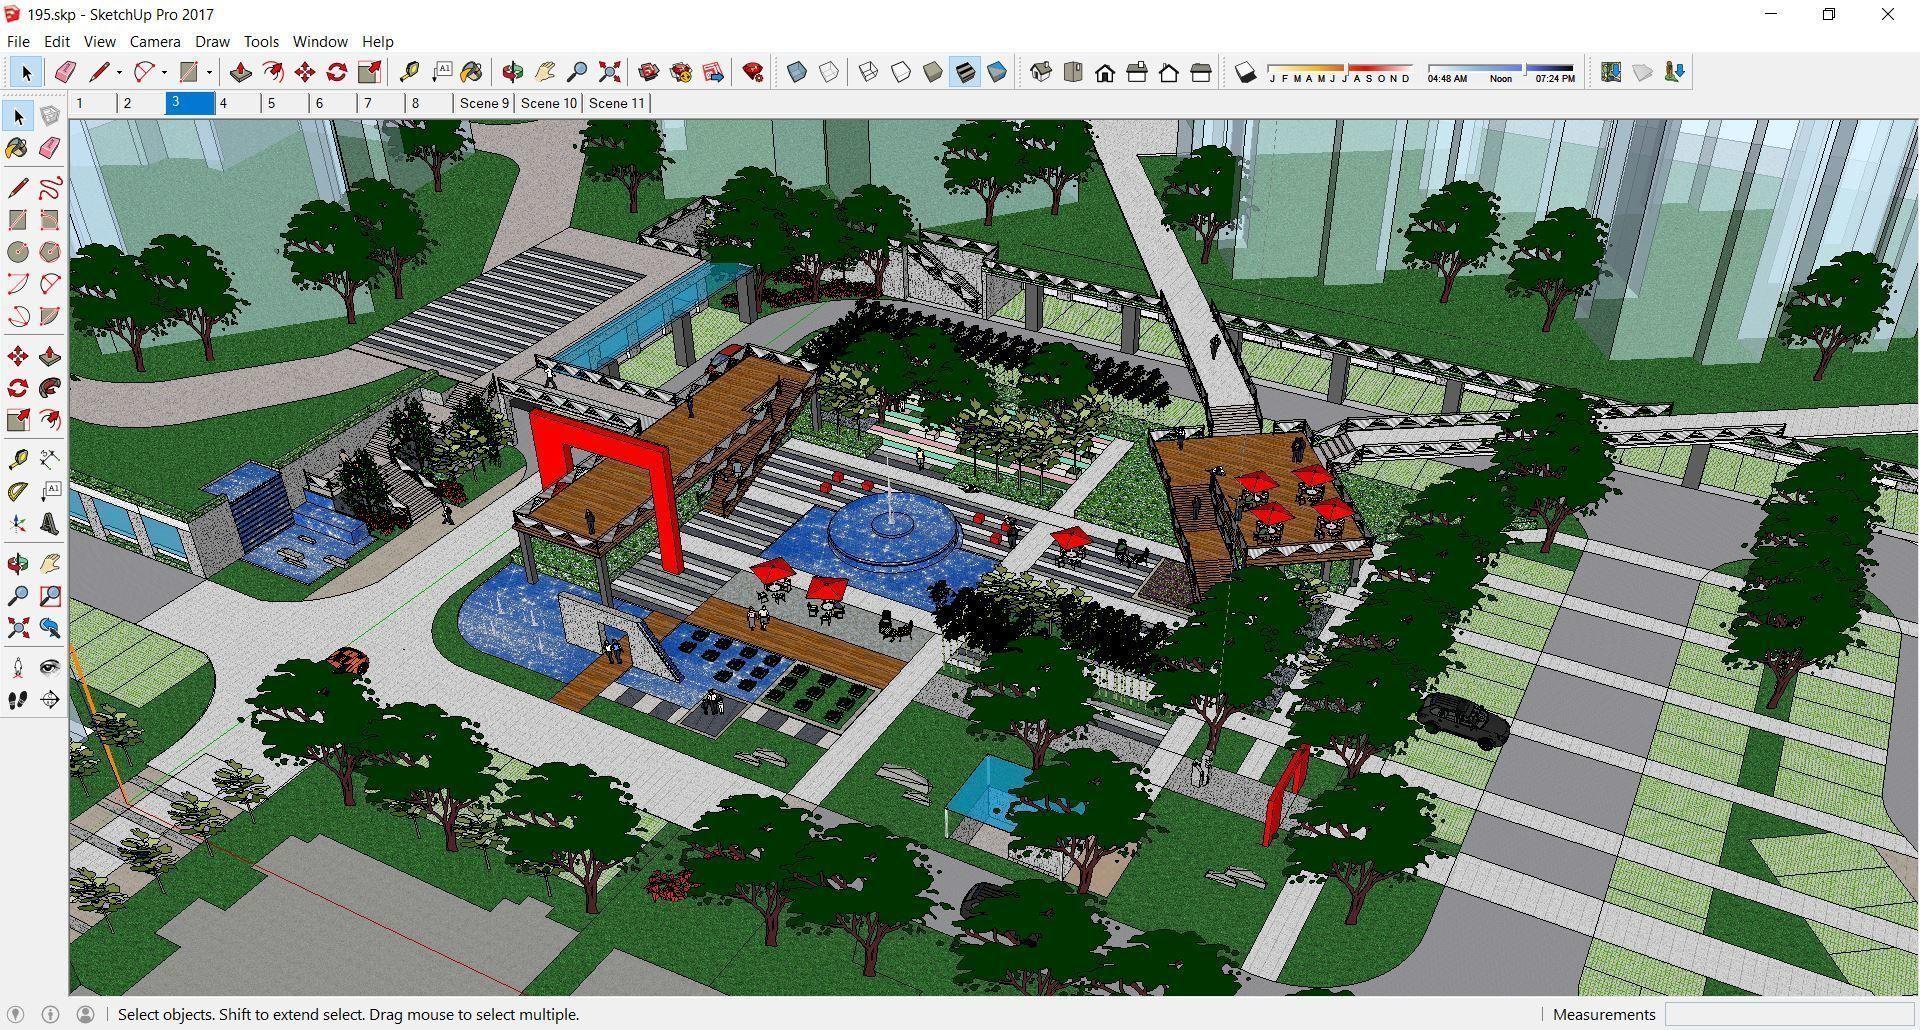 Sketchup 195 - Residential landscape design 3D model